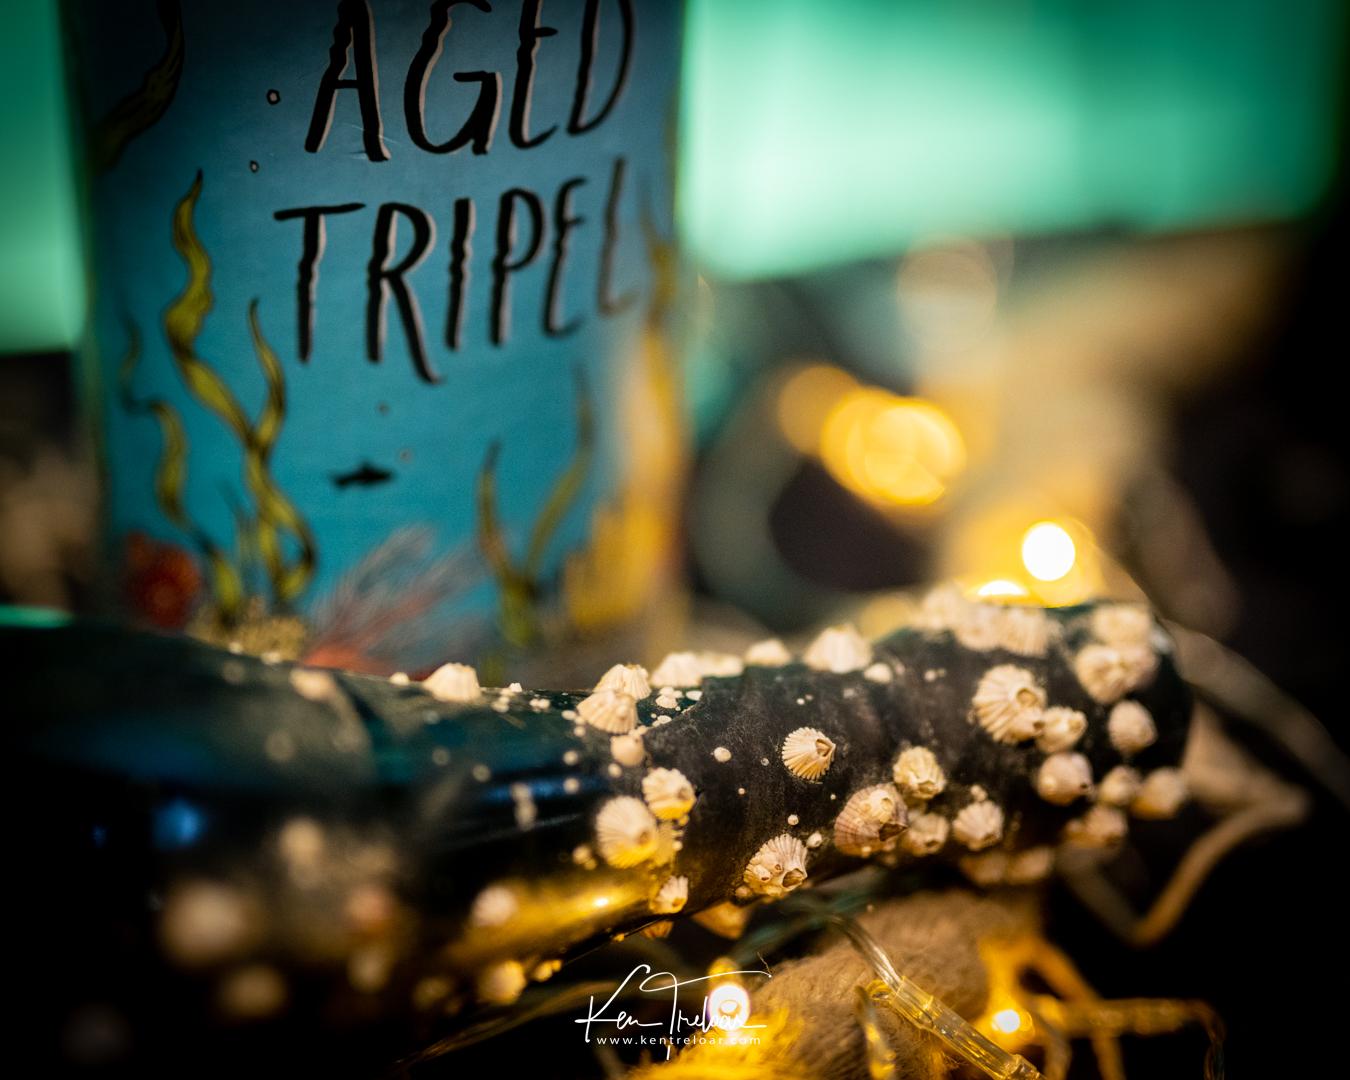 Drifter-Brewing-Ocean-Aged-Triple-2018-Ken Treloar-12.jpg